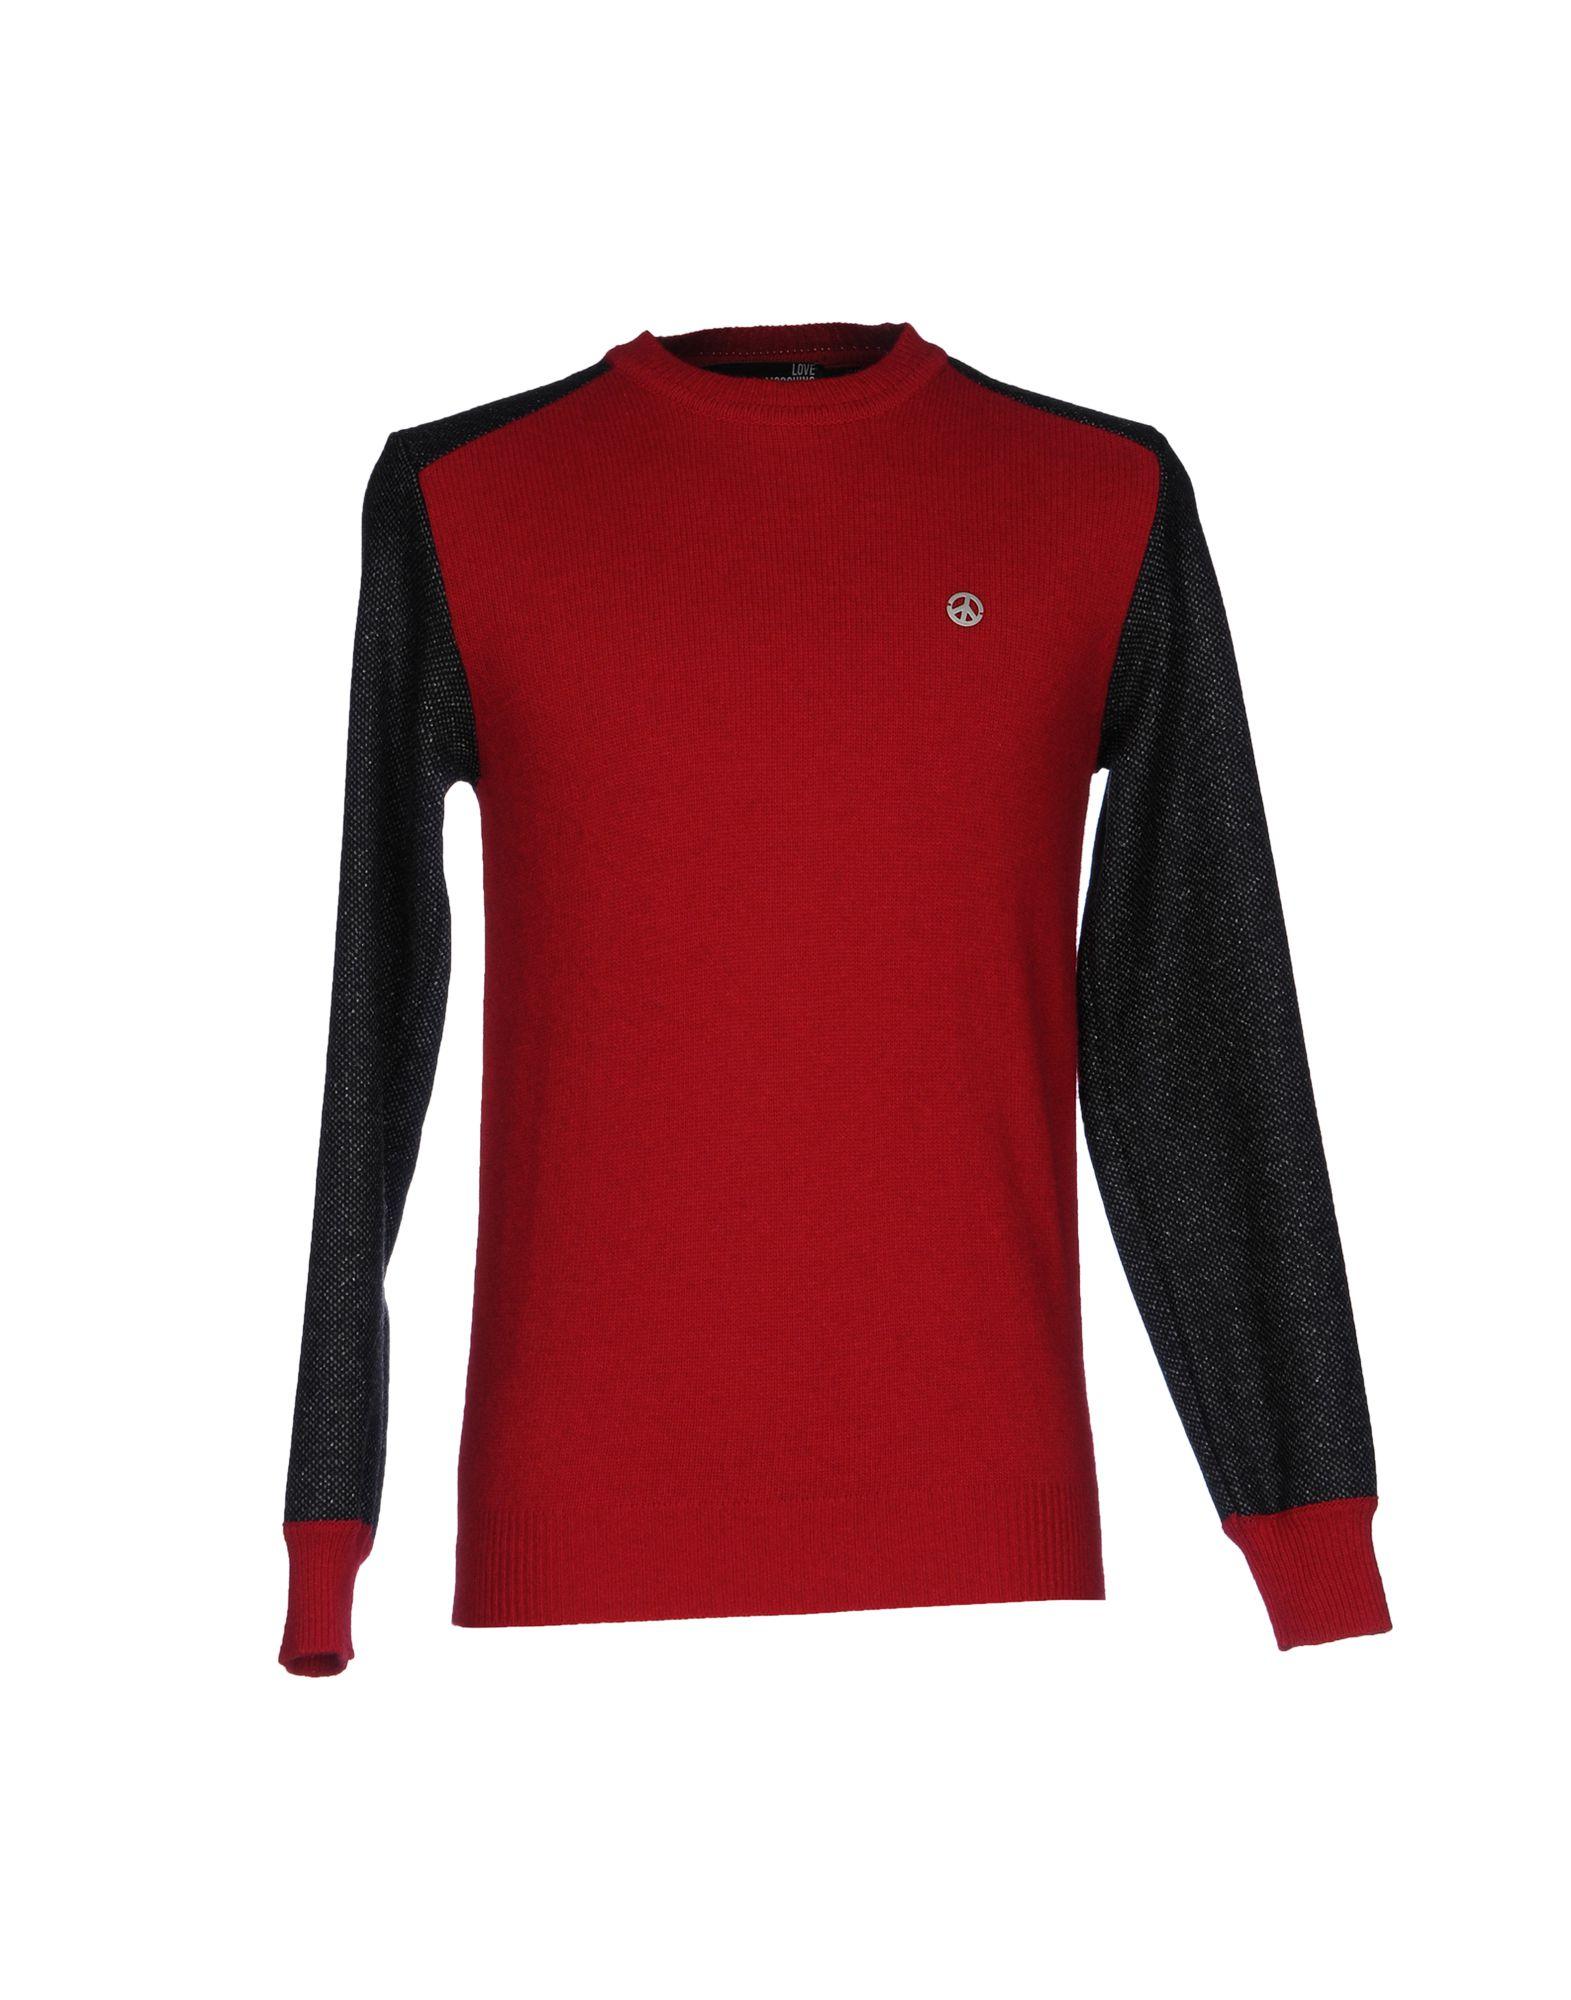 LOVE MOSCHINO Herren Pullover Farbe Rot Größe 5